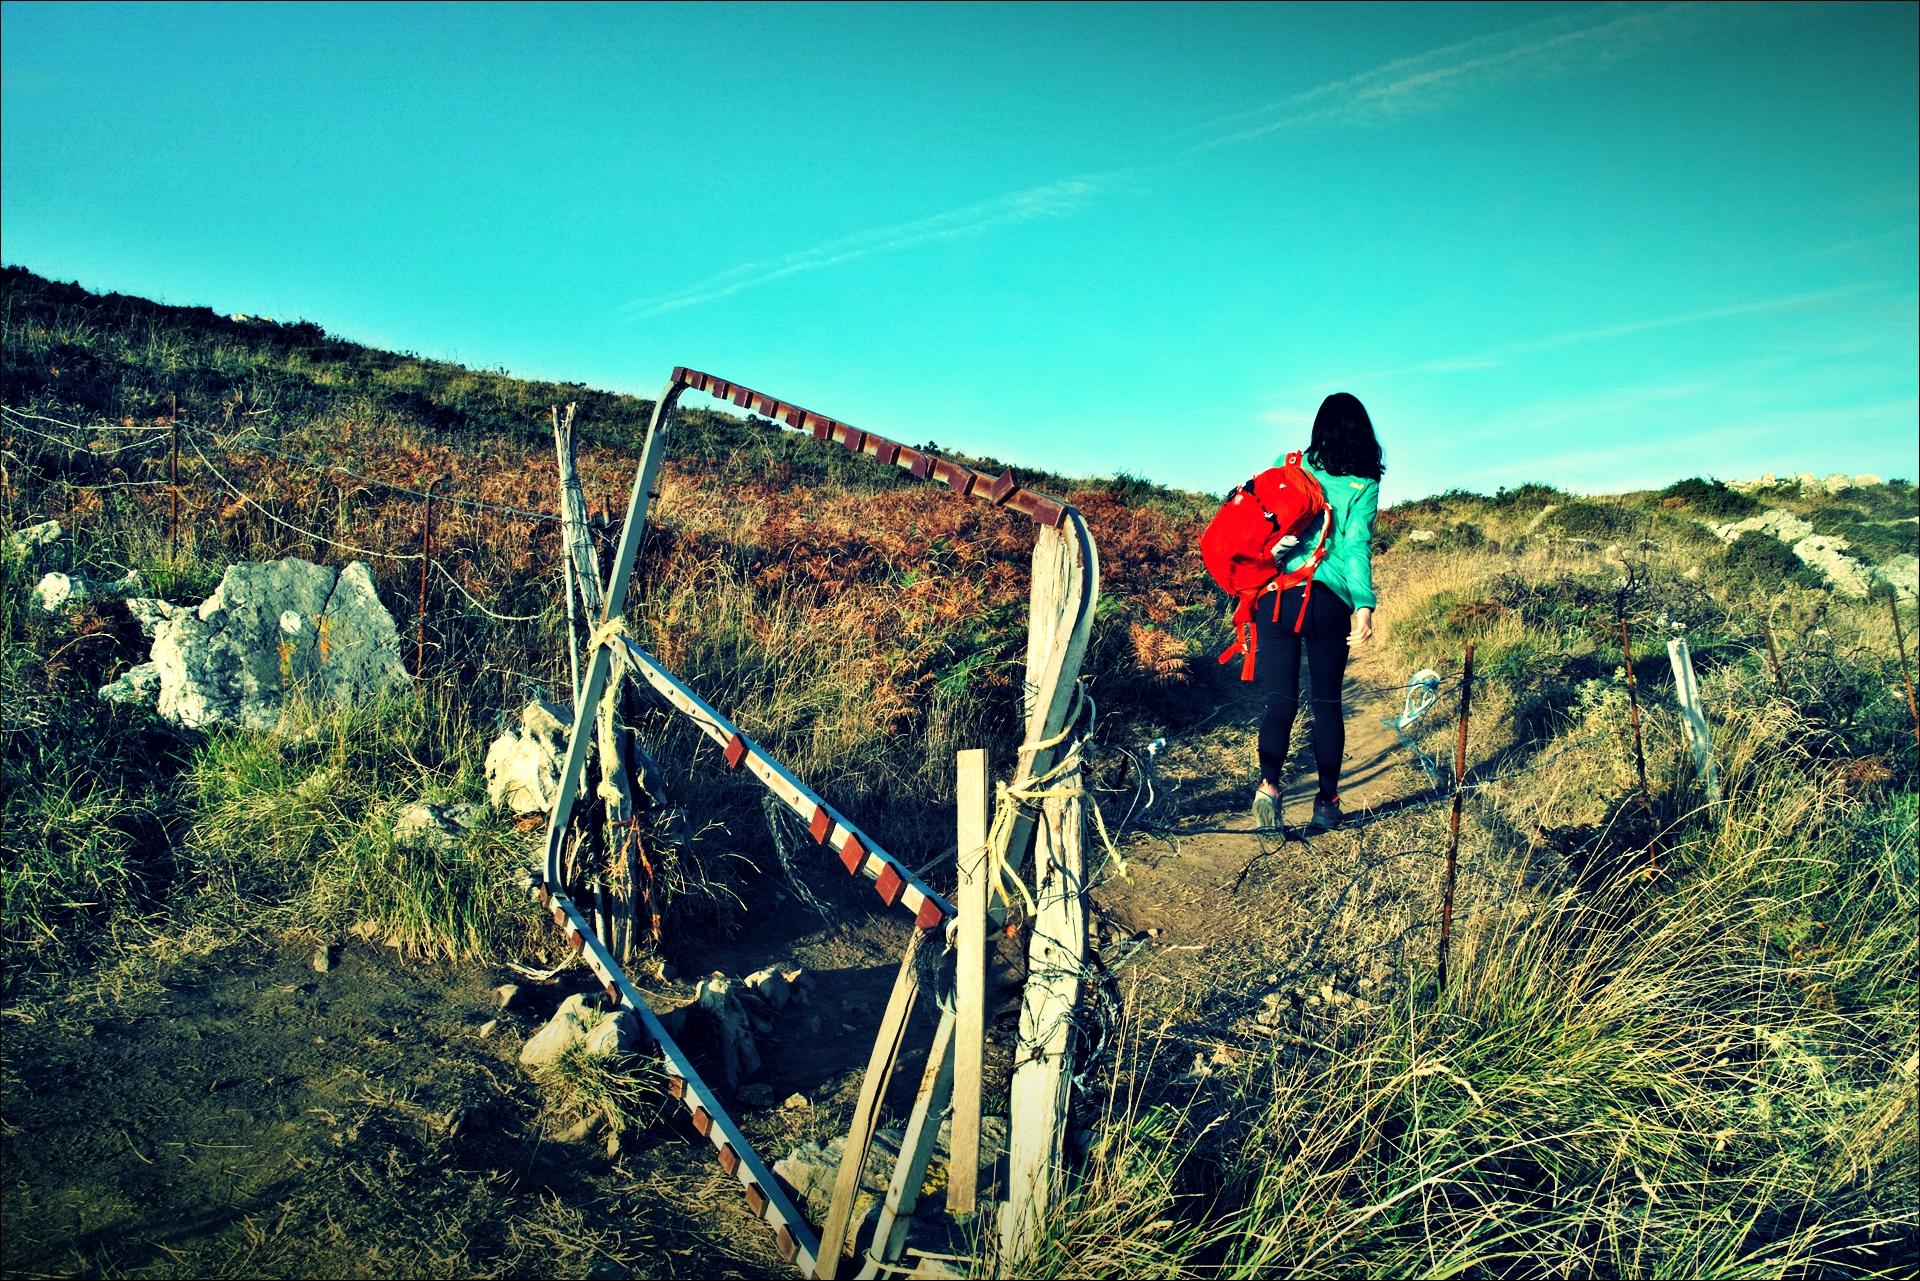 울타리-'카미노 데 산티아고 북쪽길. 리엔도에서 산토냐. (Camino del Norte - Liendo to Santoña) '